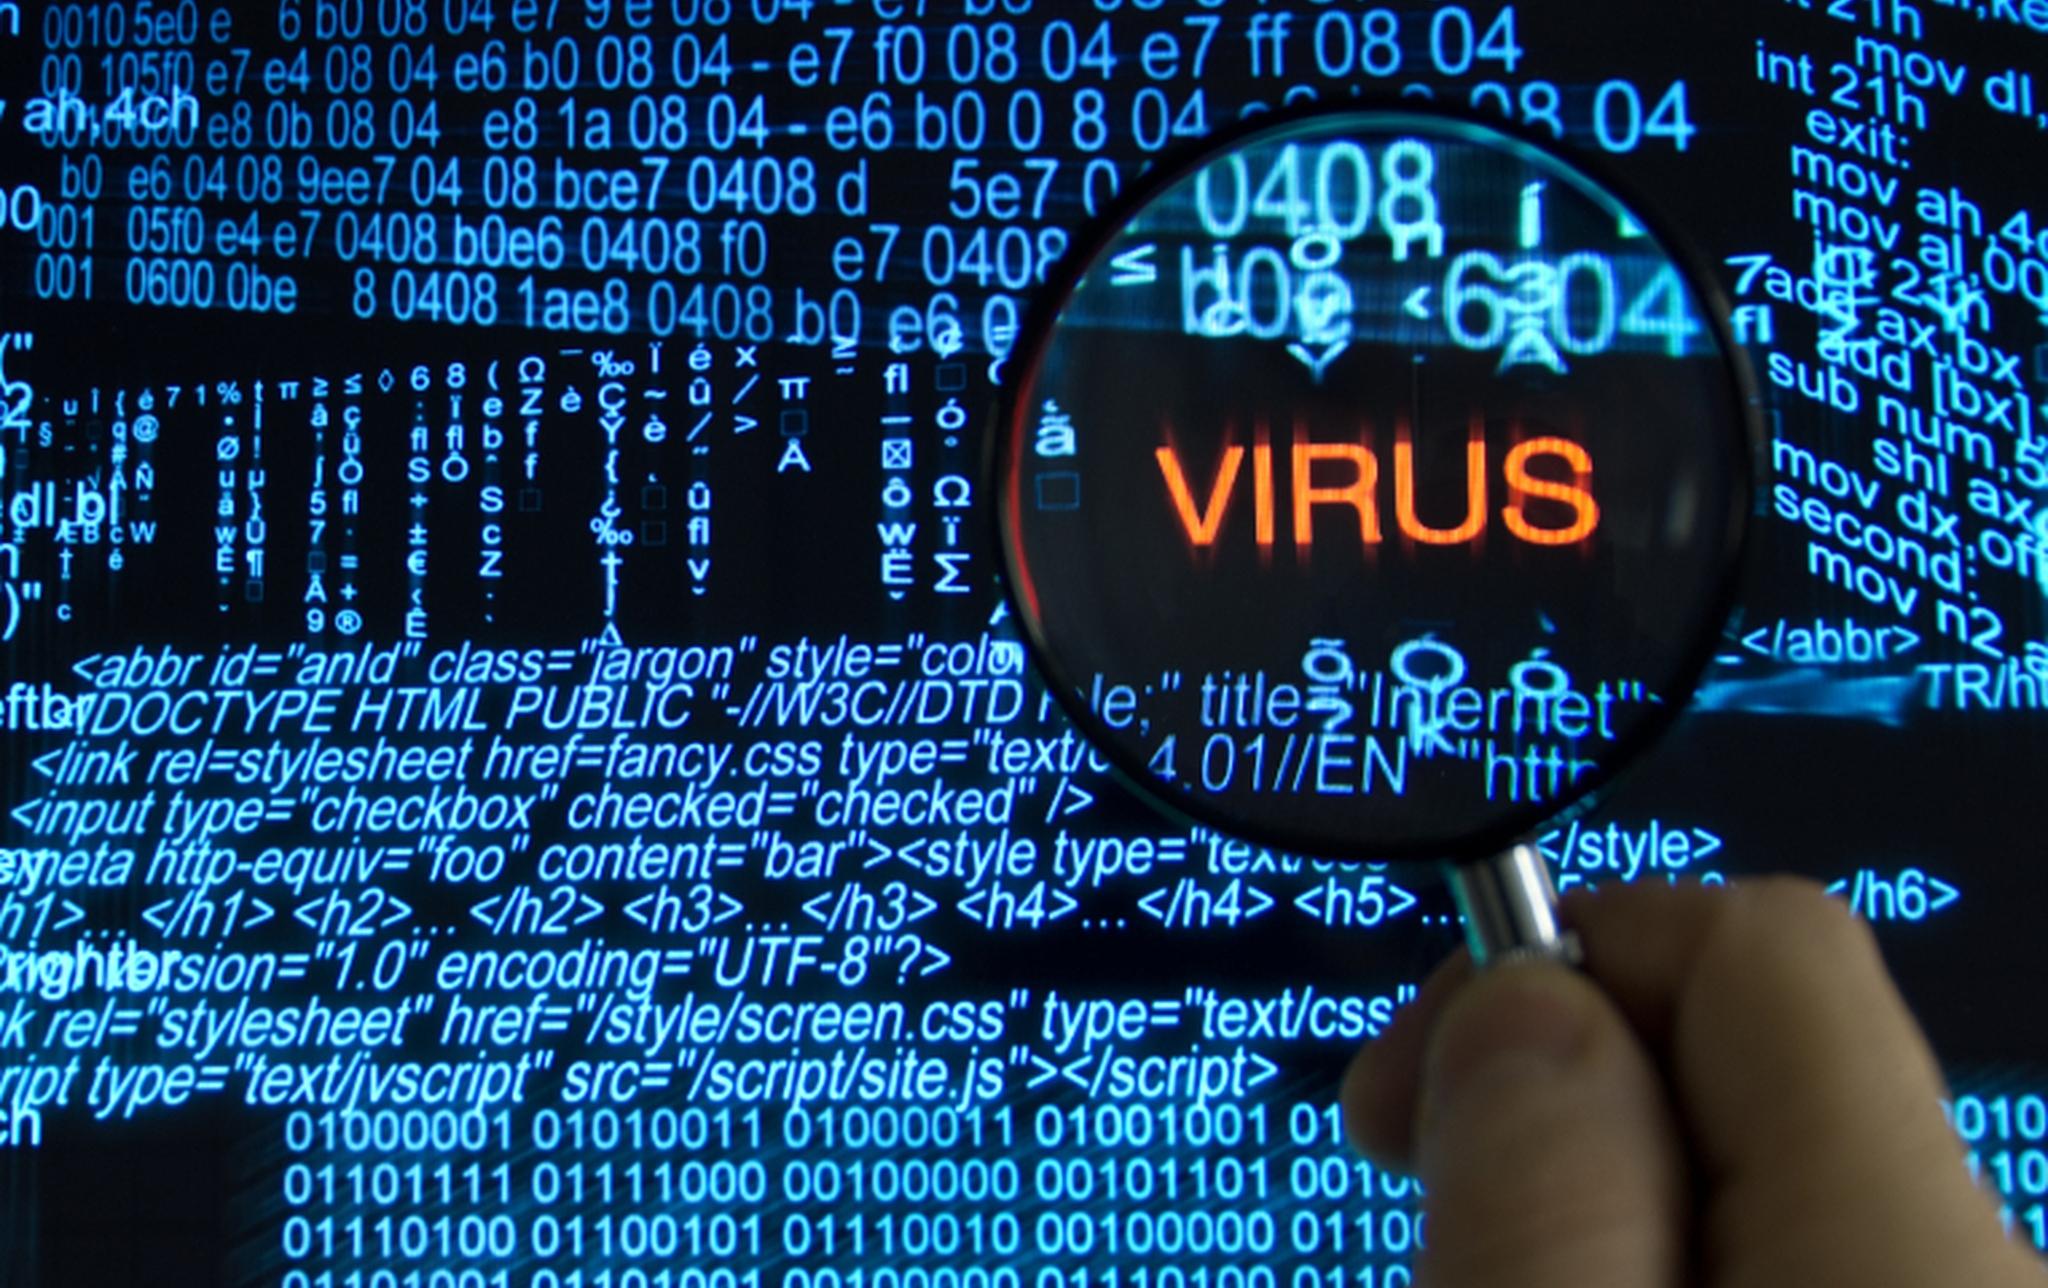 mozhet-li-videofajl-imet-v-sebe-virus1